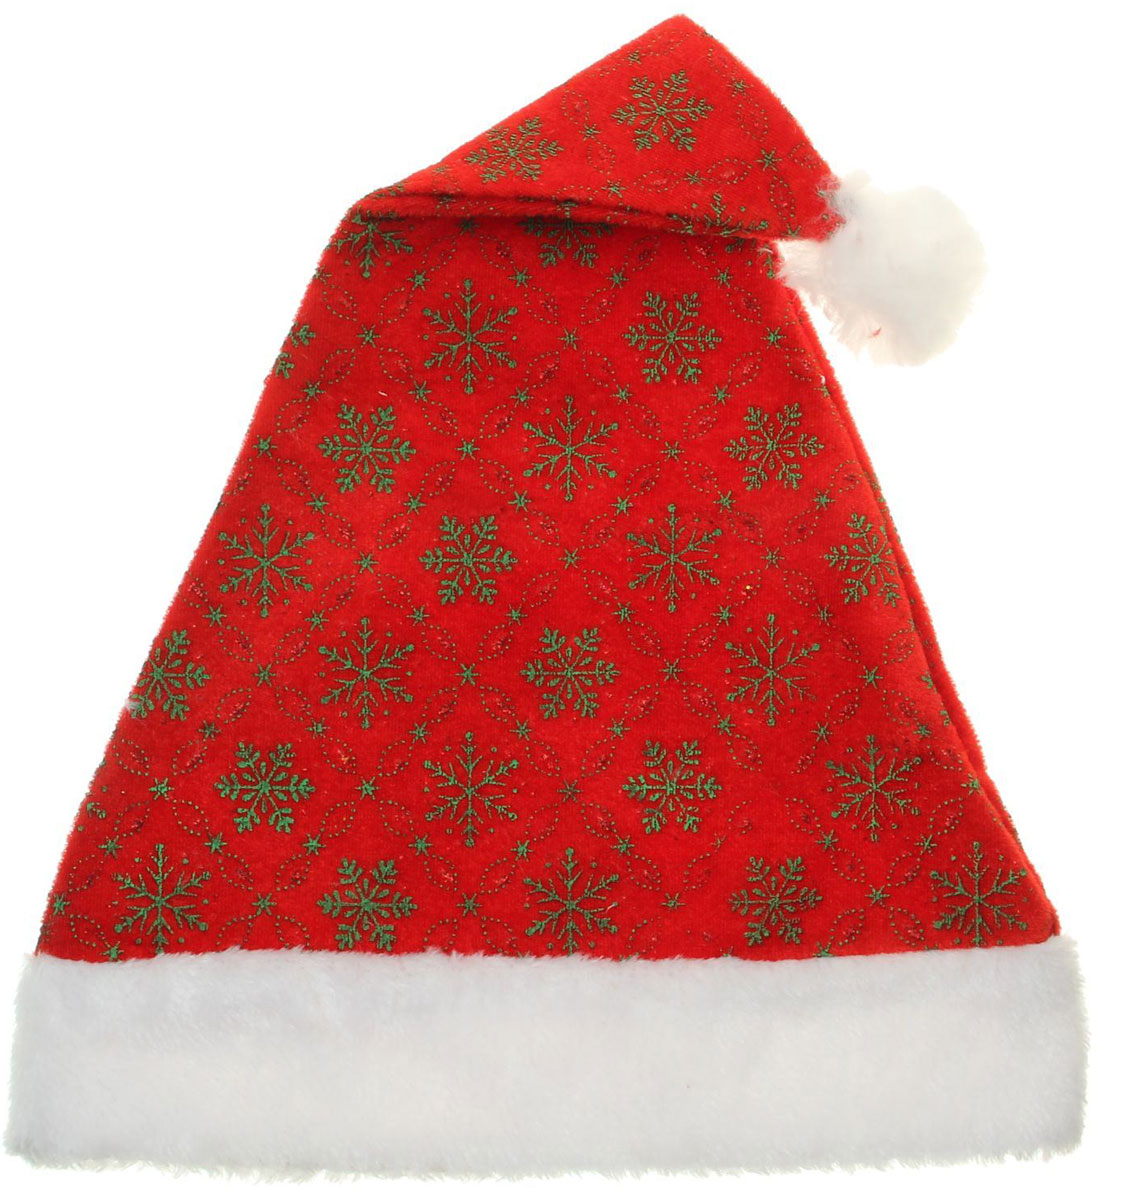 Колпак новогодний Зеленые снежинки в узорном ромбе, 30 х 42 см. 13906311390631Поддайтесь новогоднему веселью на полную катушку! Забавный колпак в секунду создаст праздничное настроение, будь то поздравление ребятишек или вечеринка с друзьями. Размер изделия универсальный: аксессуар подойдет как для ребенка, так и для взрослого. А мягкий текстиль позволит носить колпак с комфортом на протяжении всей новогодней ночи.